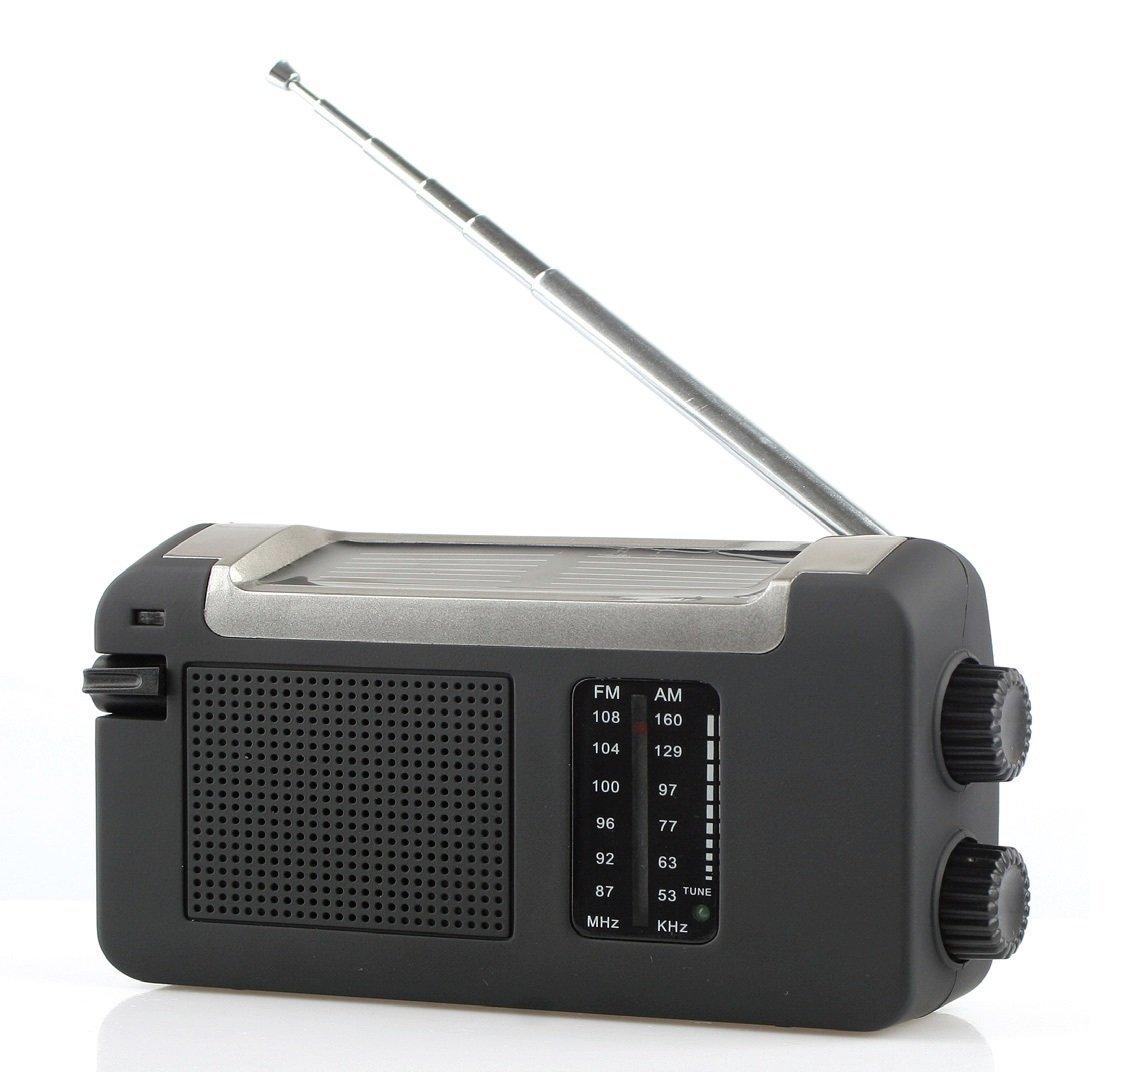 Máy phát điện Phản xạ tra505ds Portable quay - FM, radio, MW mang chức năng sạc pin năng lượng Mặt T